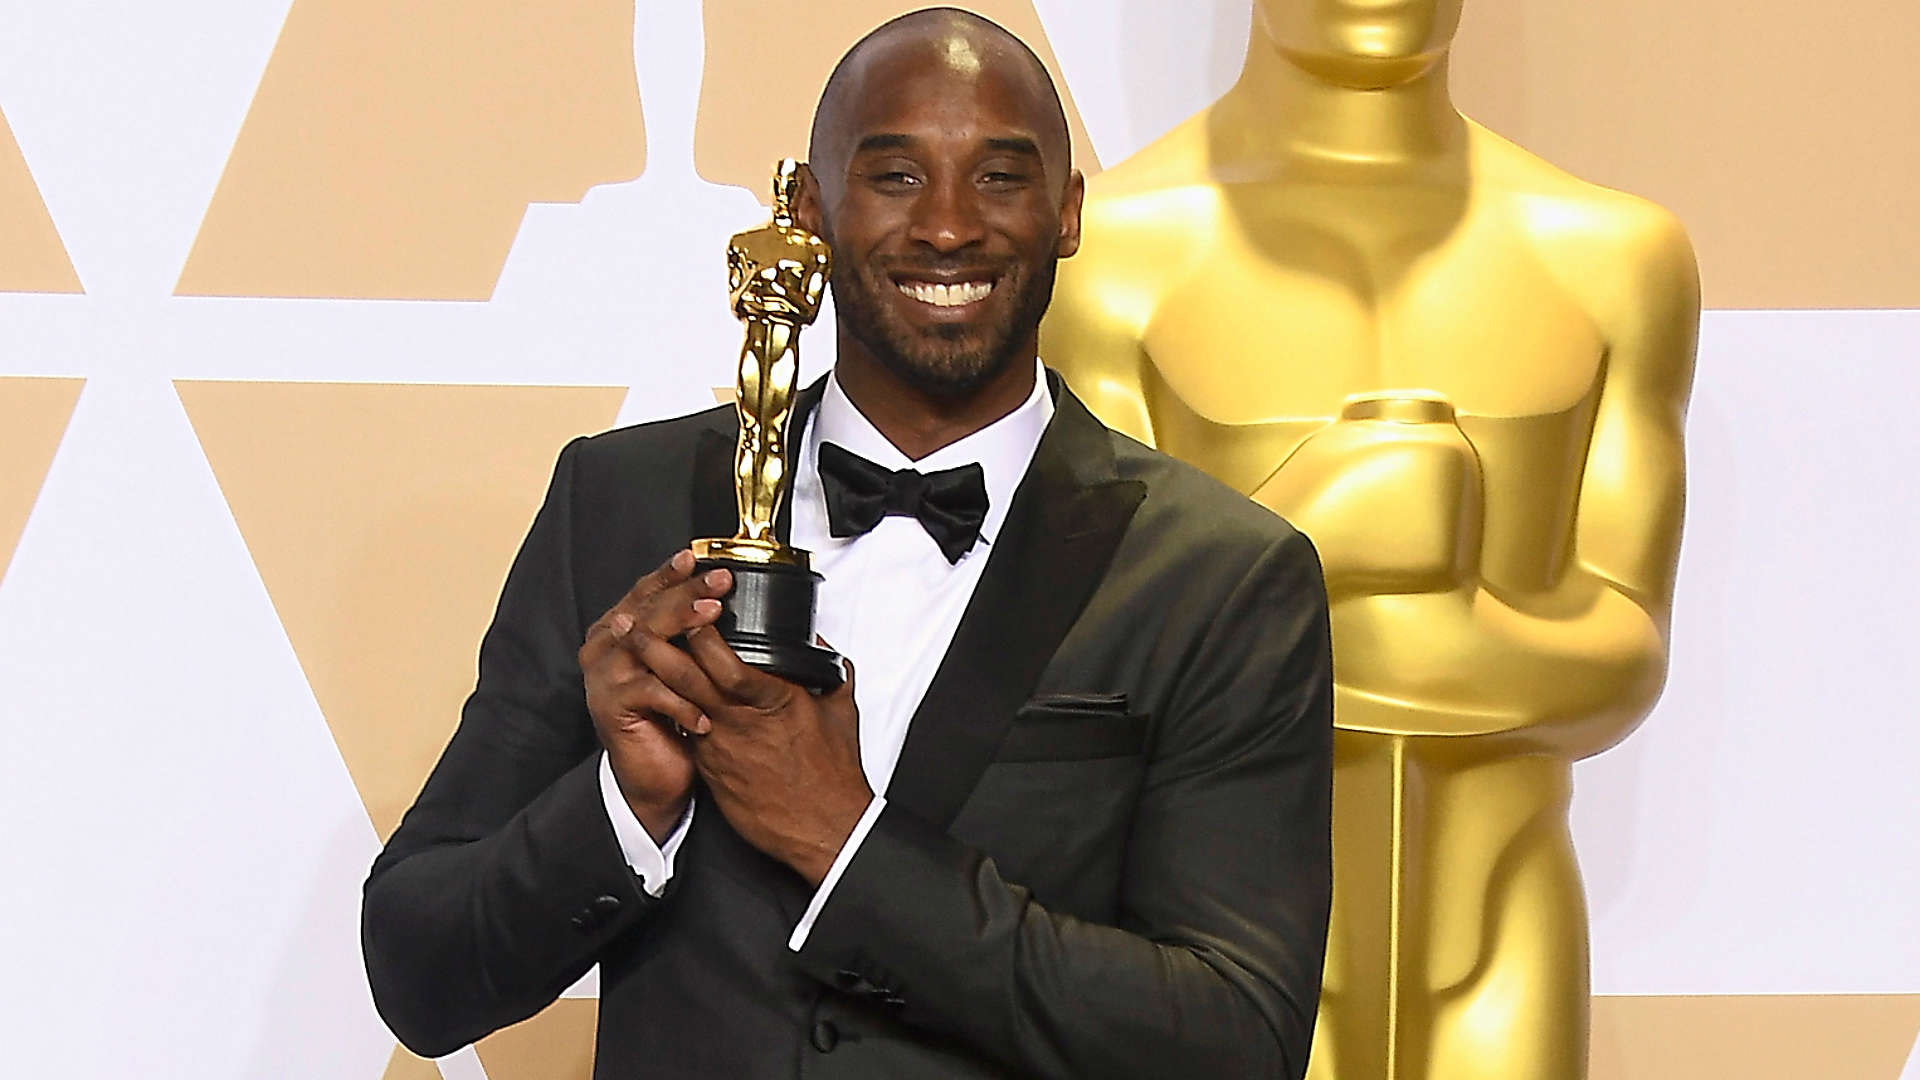 Kobe Bryant wins Oscar for short film 'Dear Basketball'